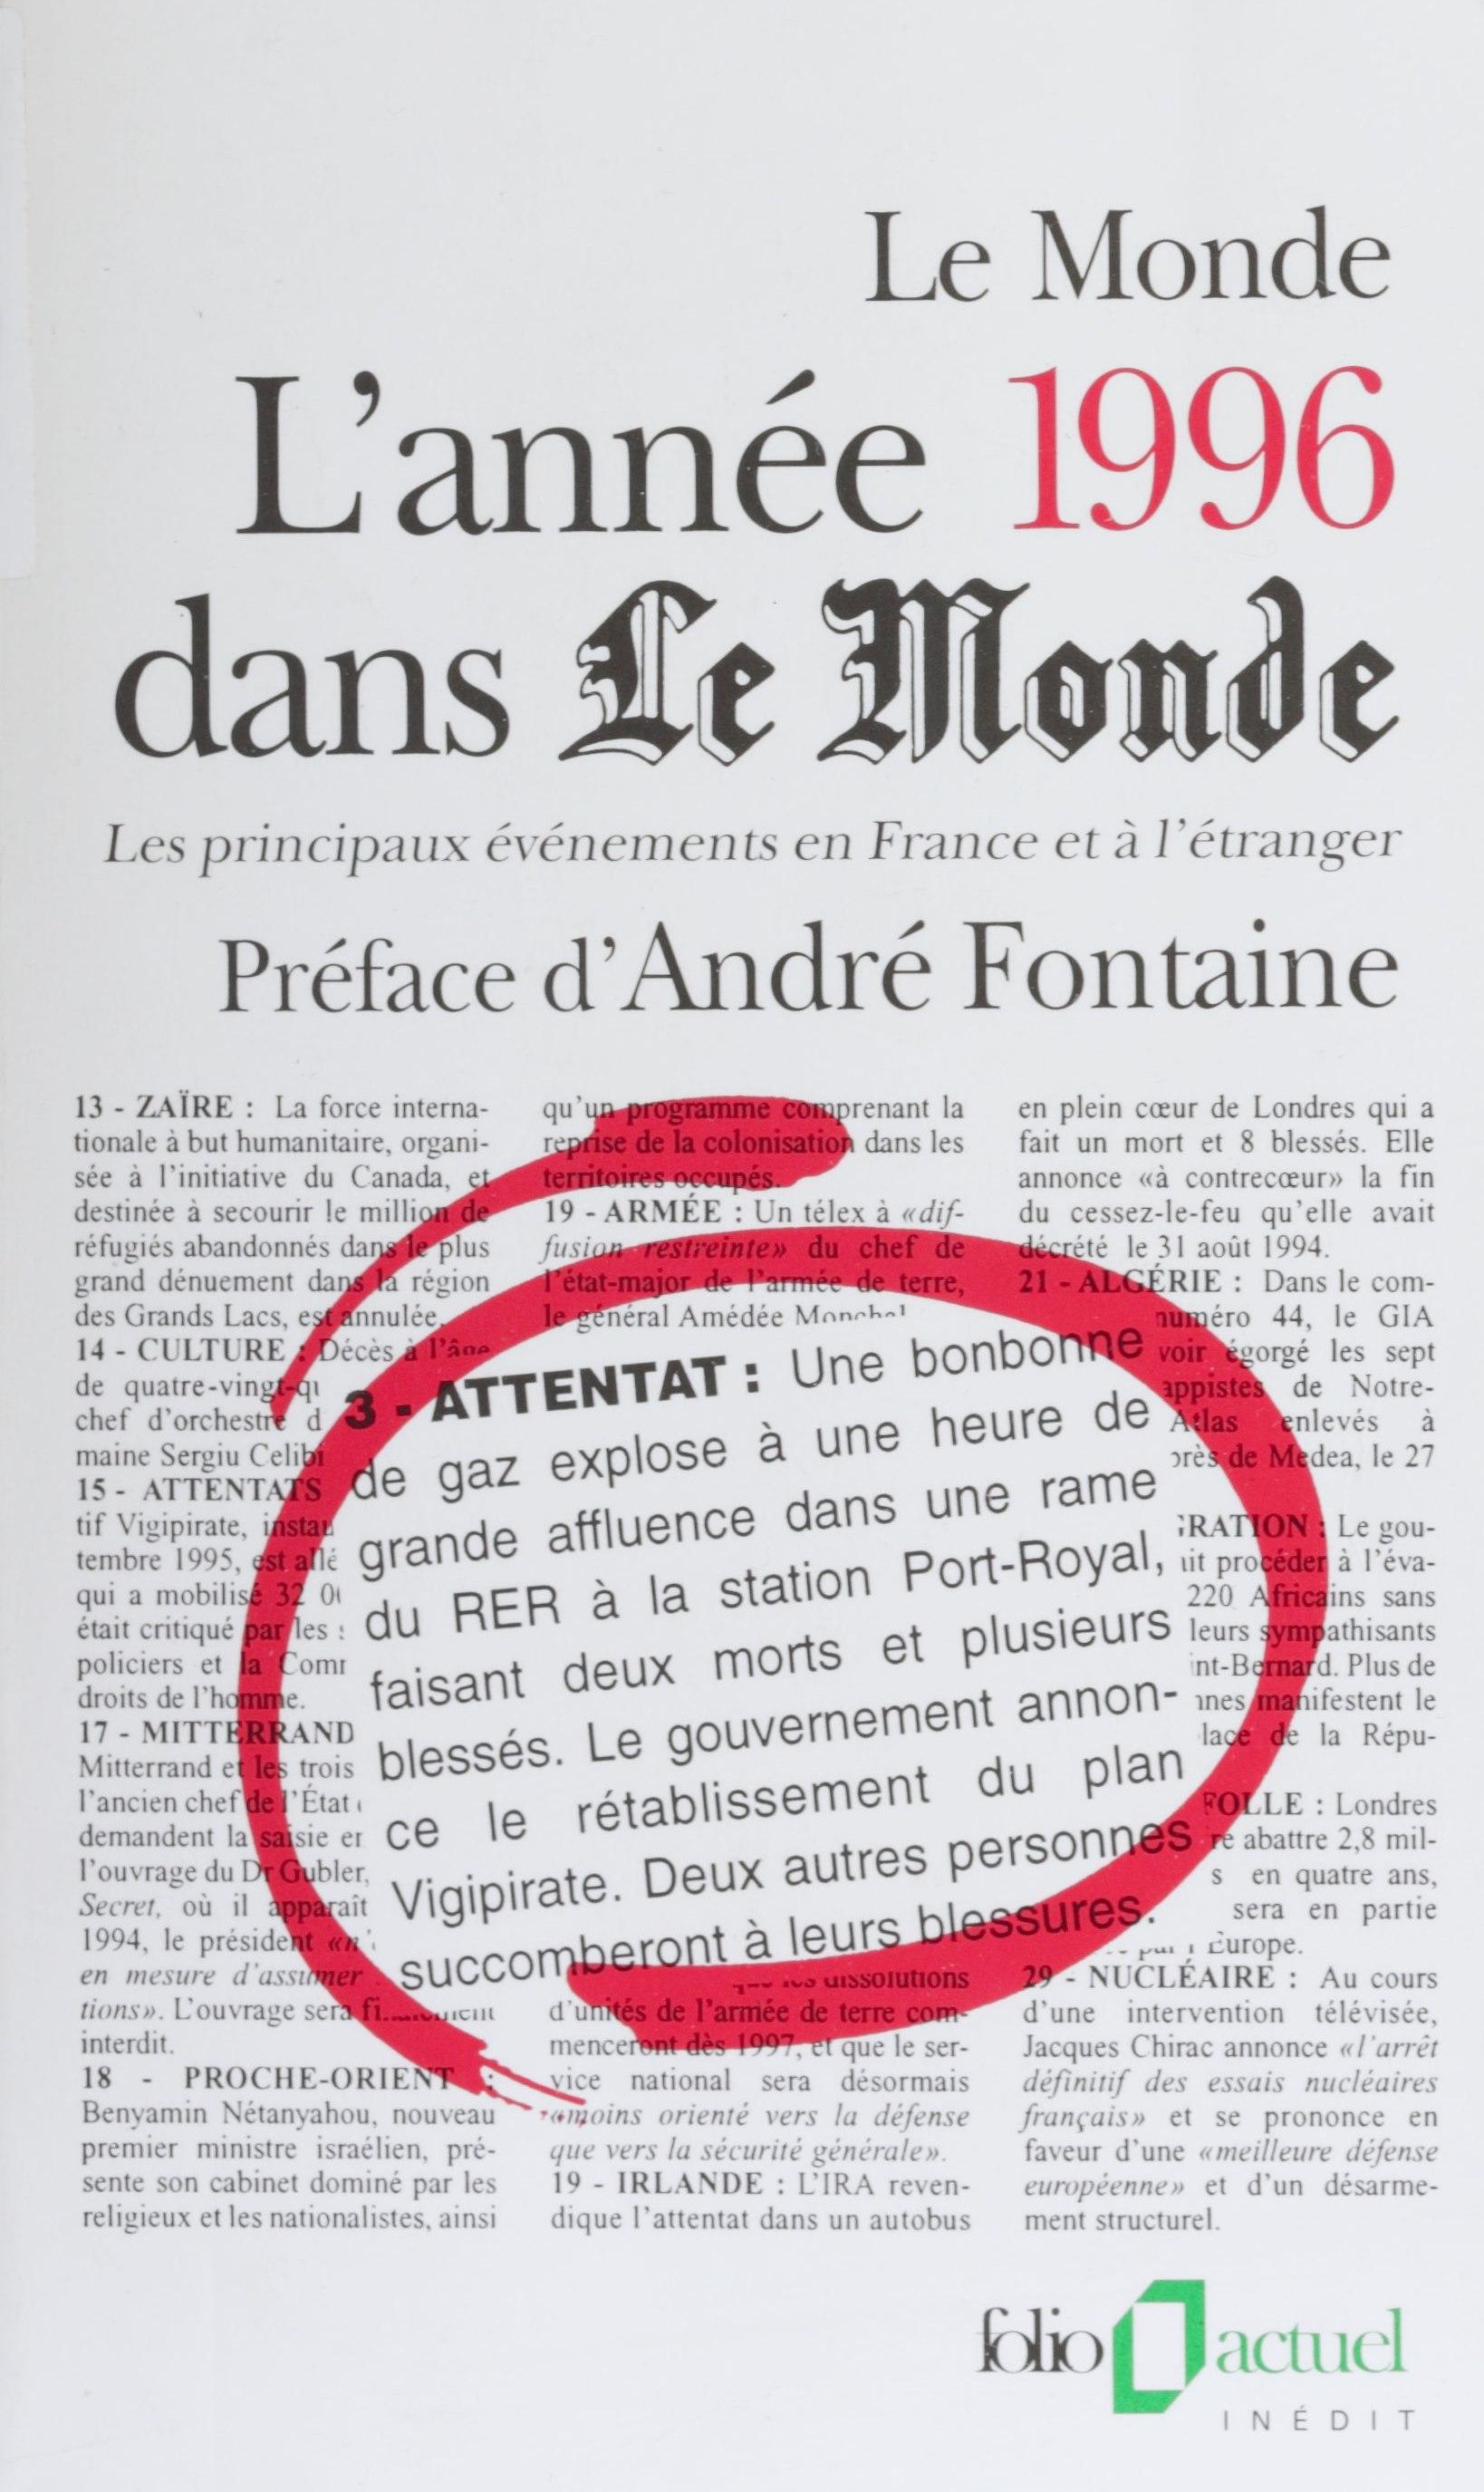 L'année 1996 dans «Le Monde»